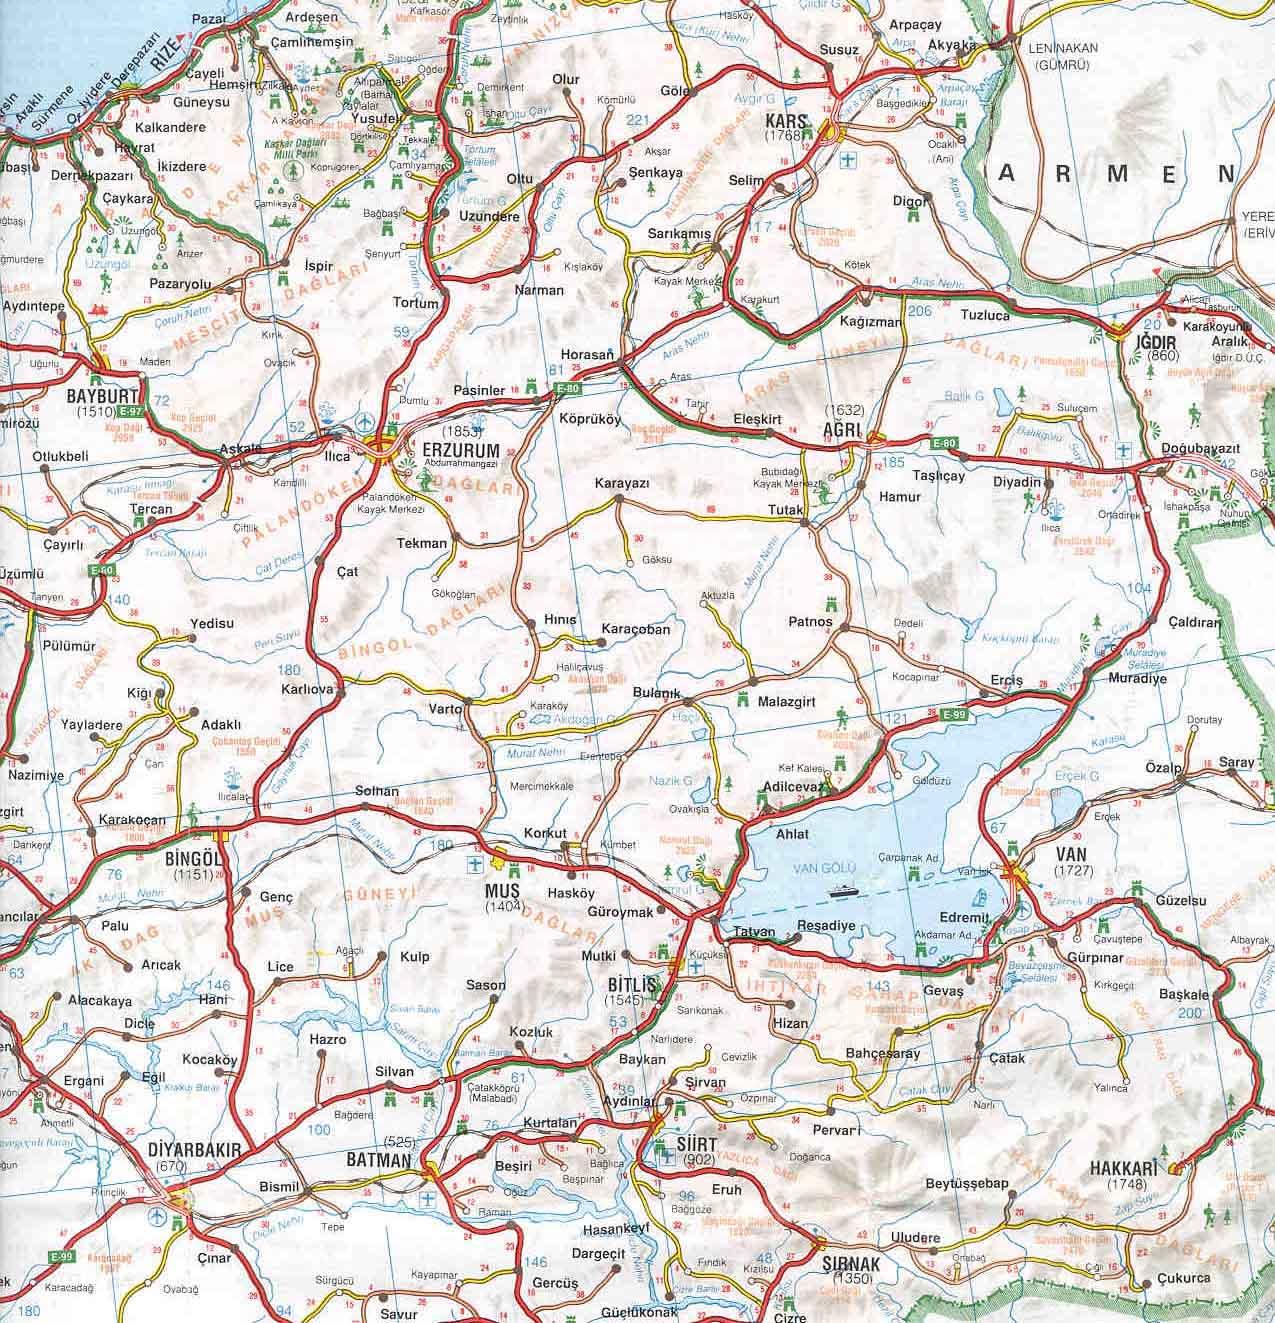 карта Восточной Турции